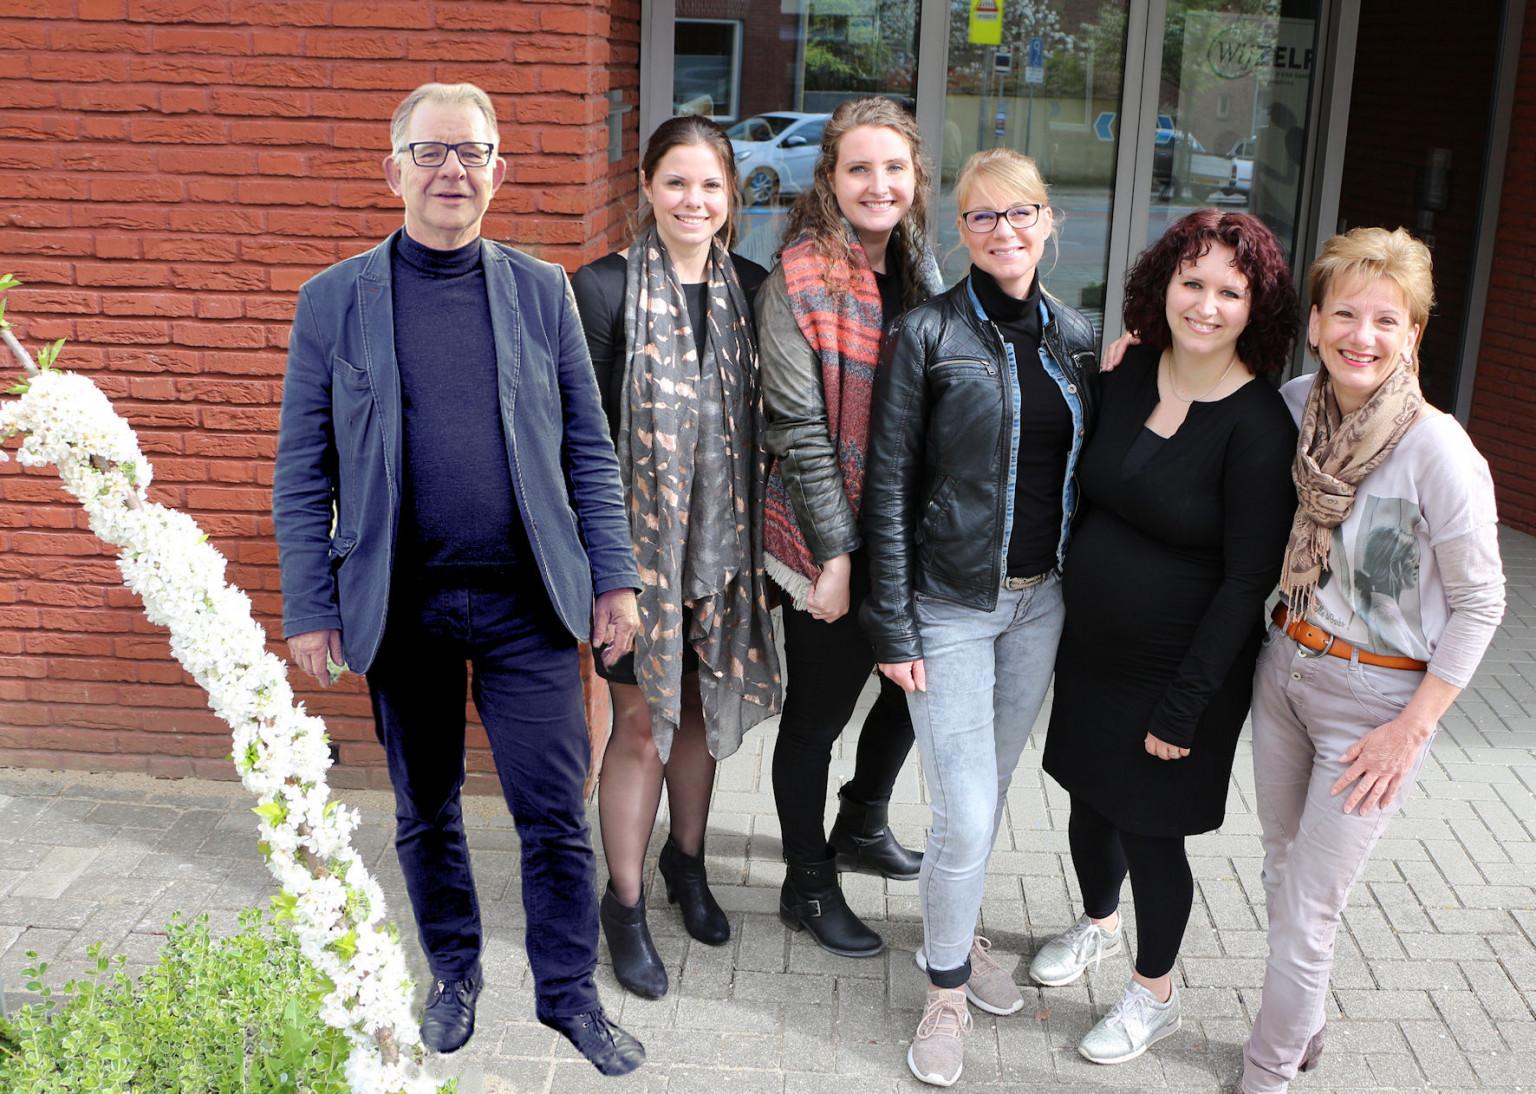 Maatschappelijk Werk Huizen : Maatschappelijke dienstverlening